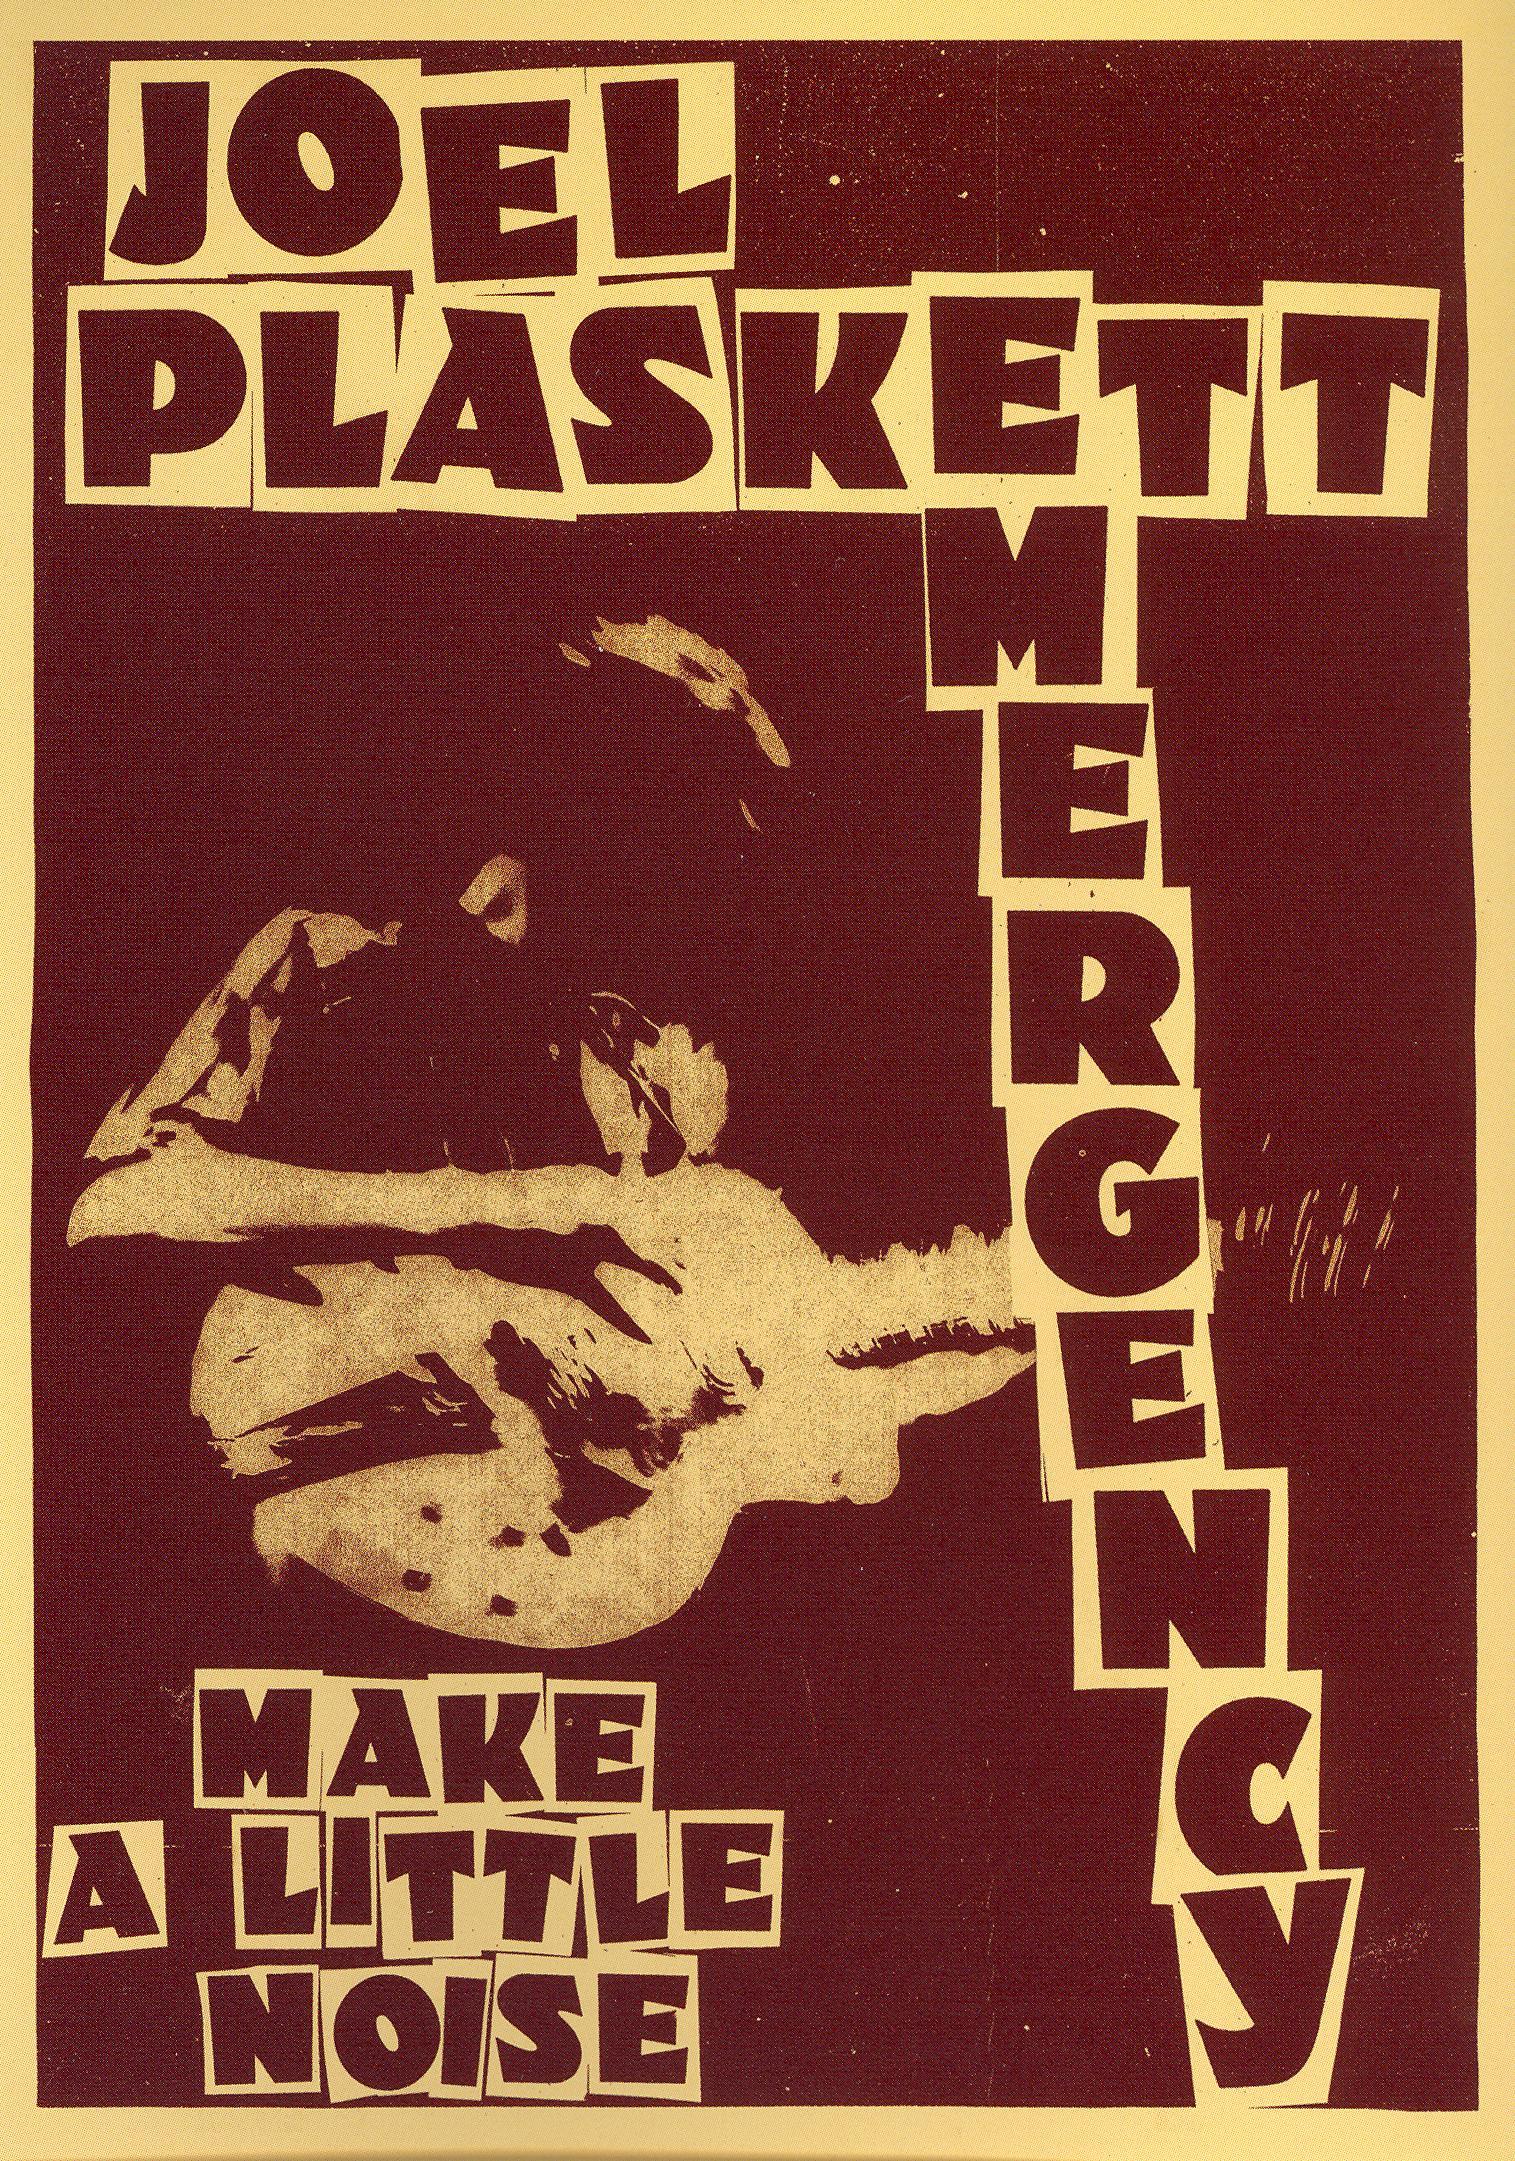 Joel Plaskett: Make a Little Noise